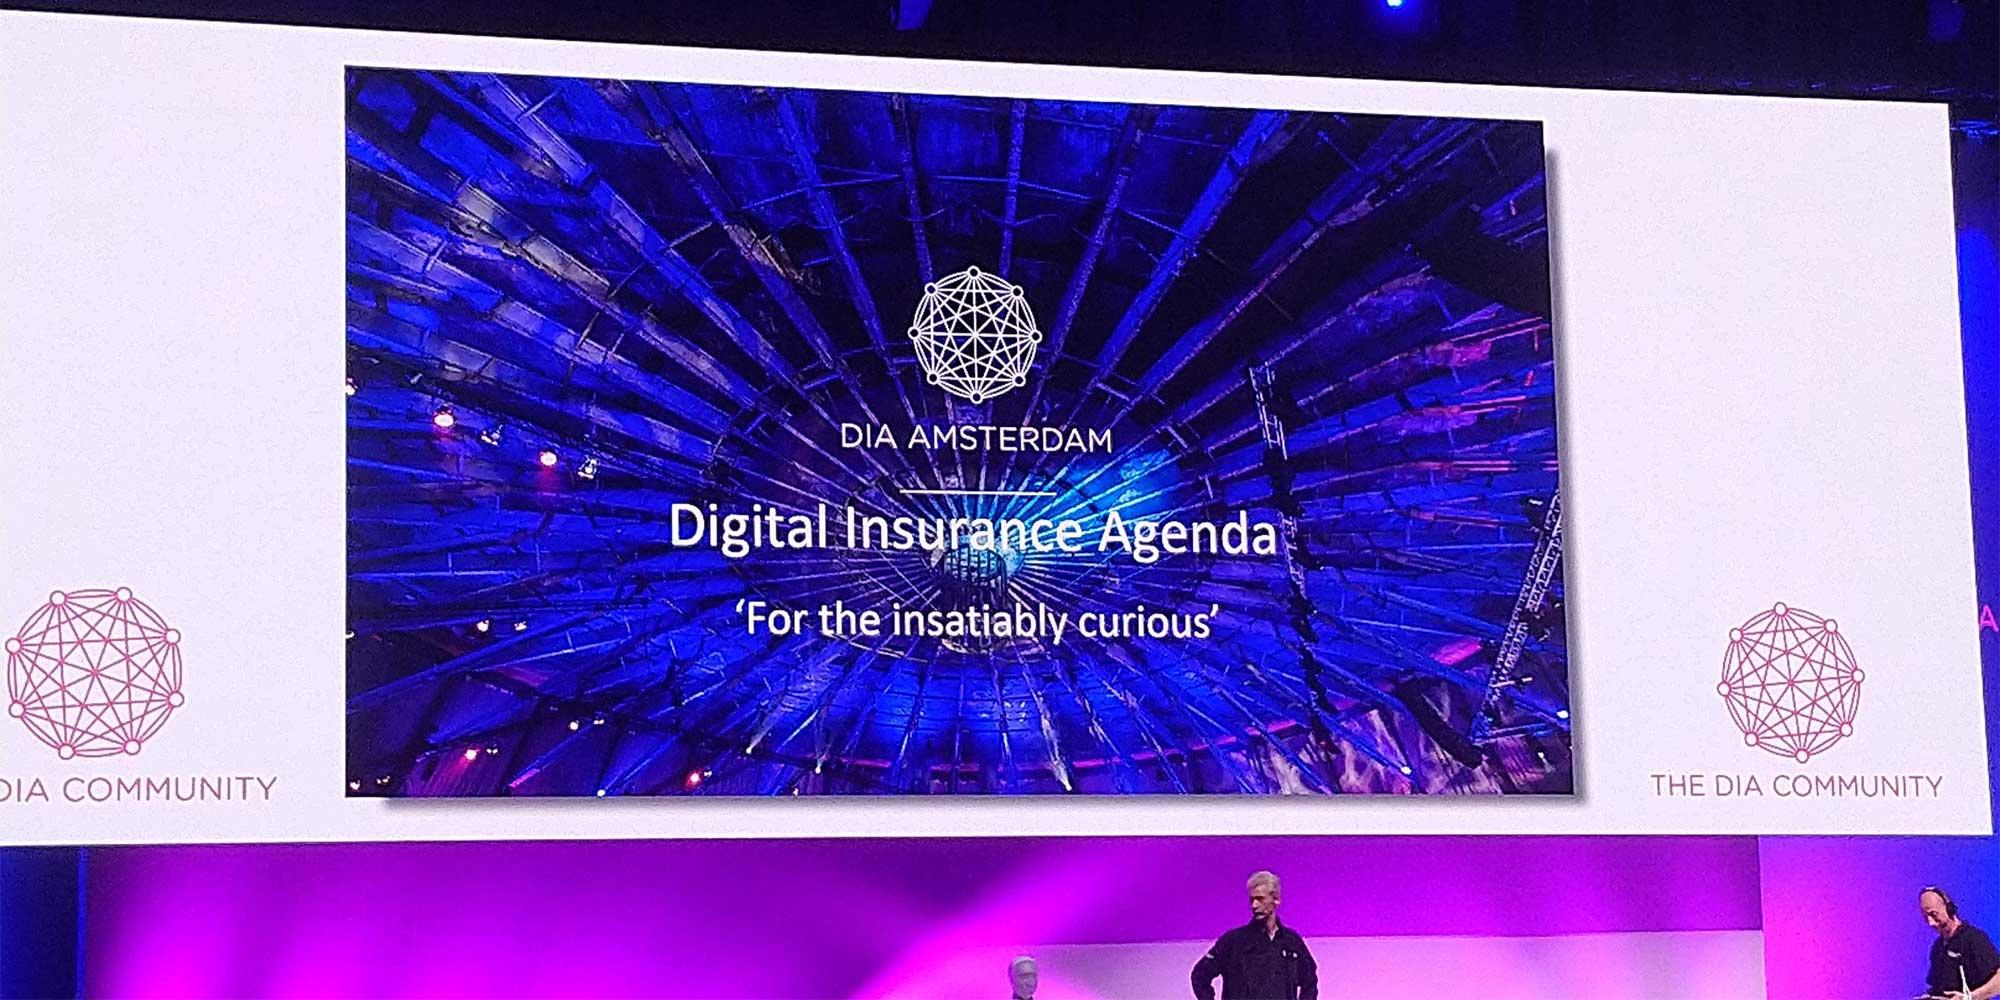 Die Bühne der Digital Insurance Agenda Amsterdam 2019